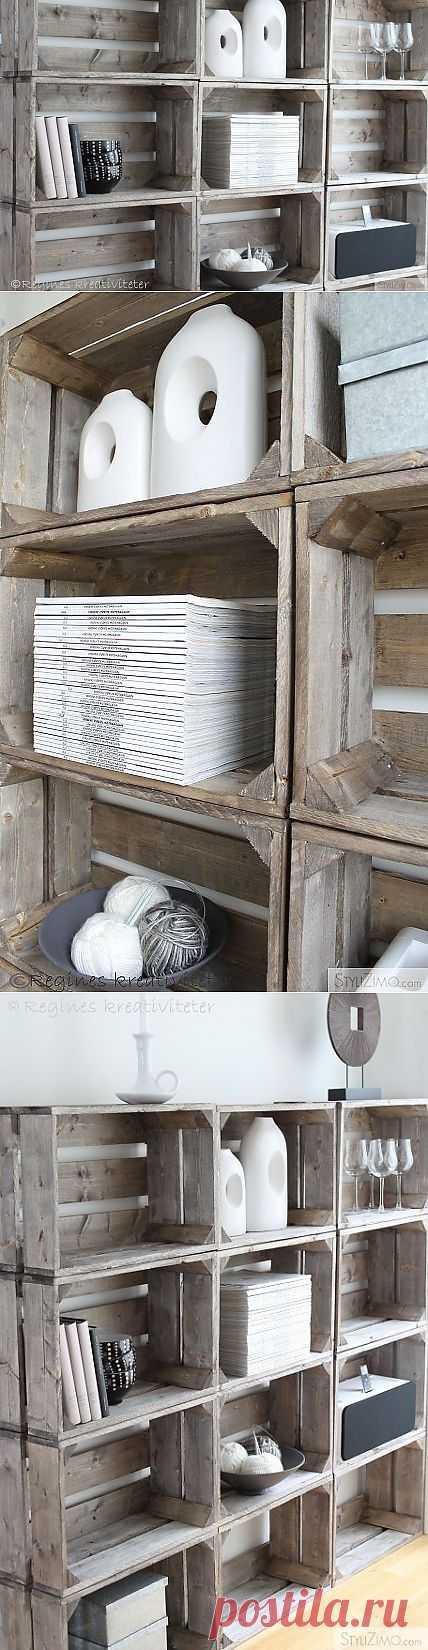 Стеллаж из деревянных ящиков. Просто, дешево и оригинально.